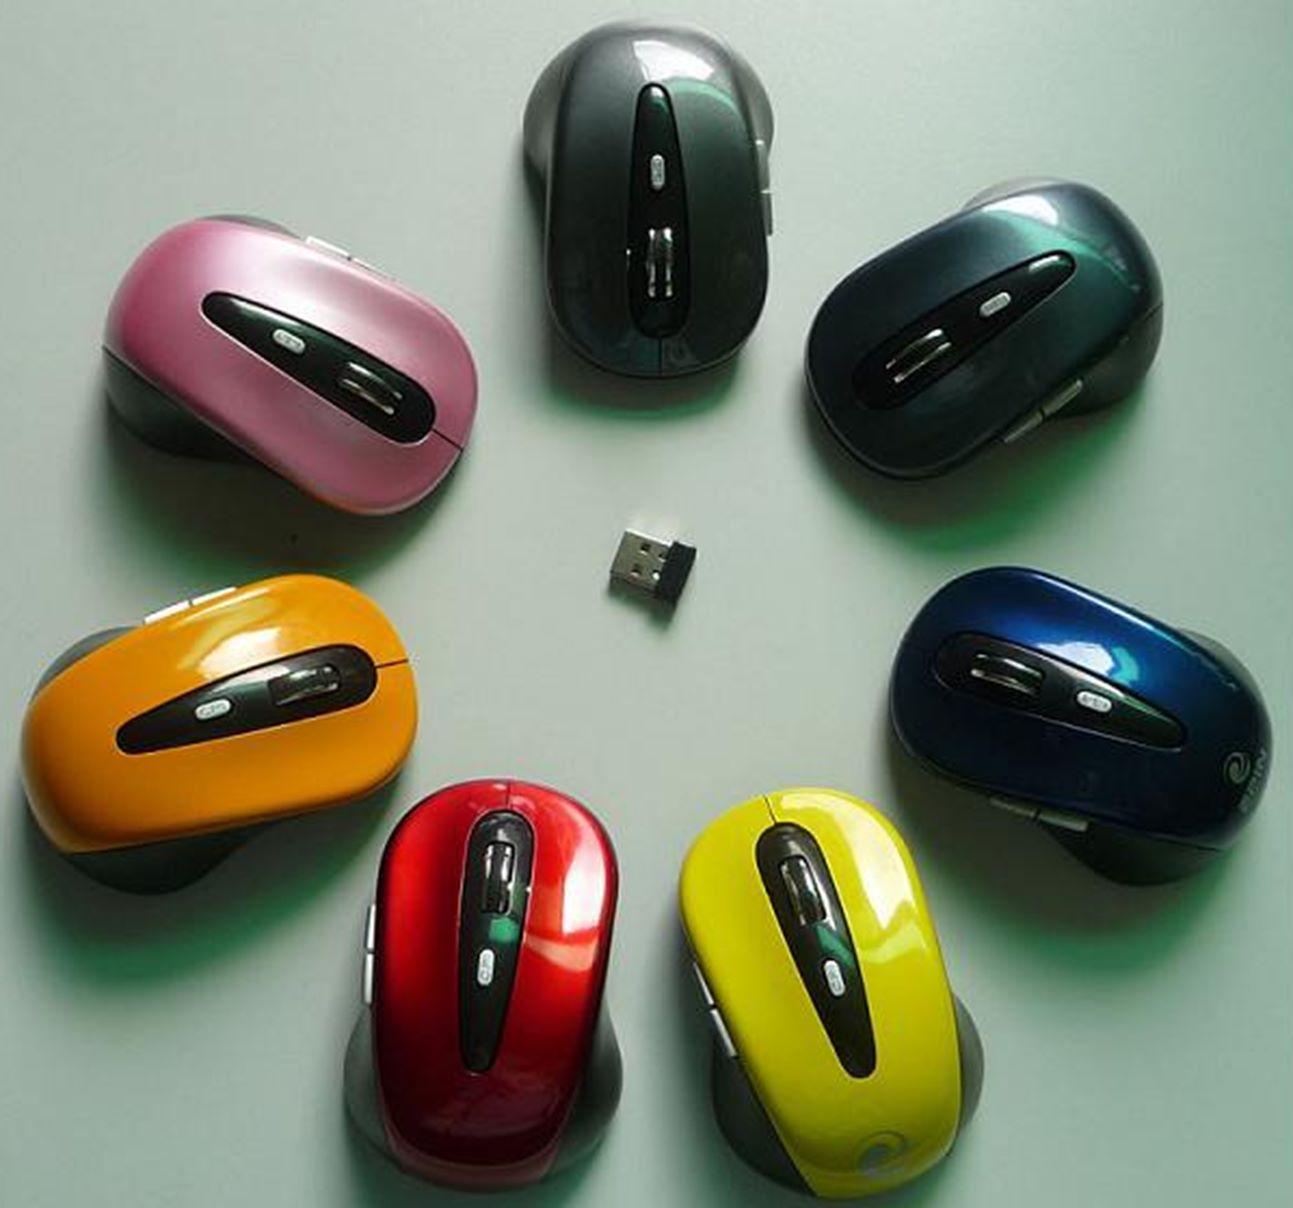 义乌好货 USB无线光电台式笔记本游戏鼠标多色